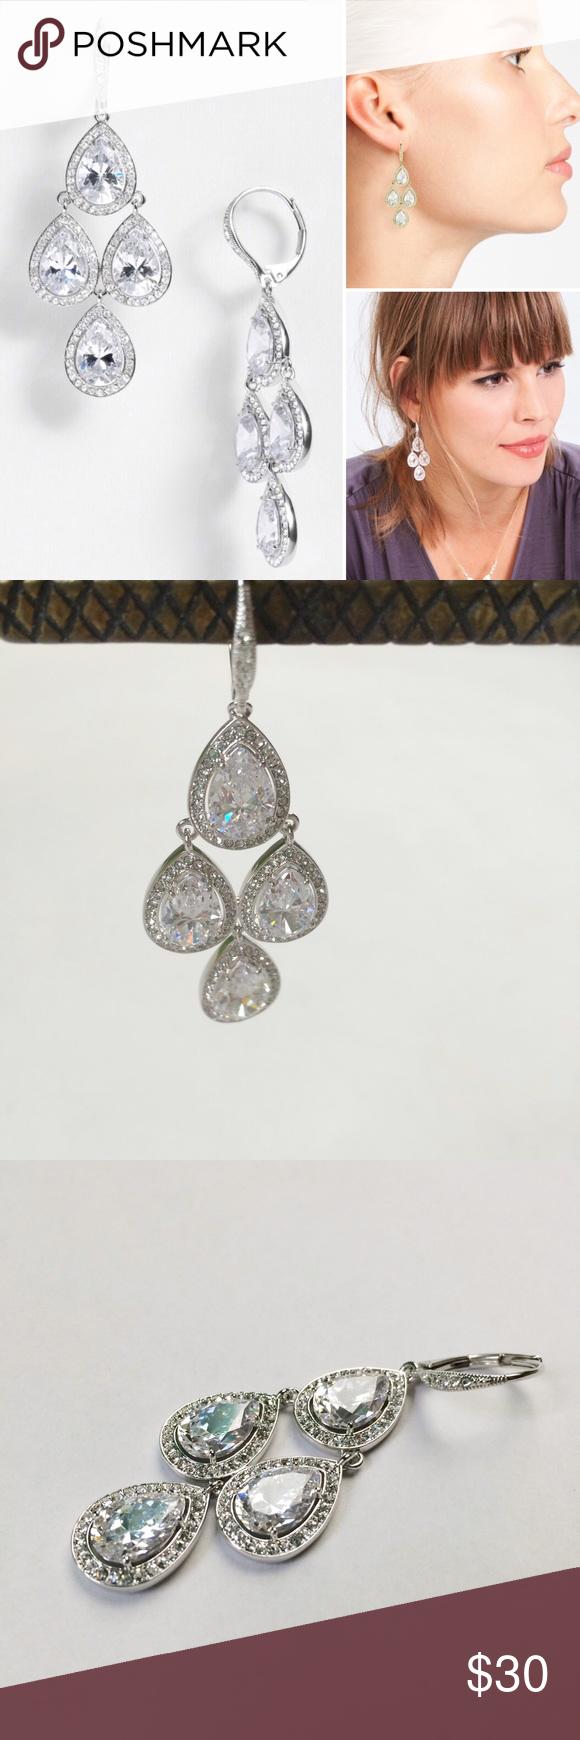 Nadri Chandelier Earrings Nadri Jewelry Online Earrings Earrings